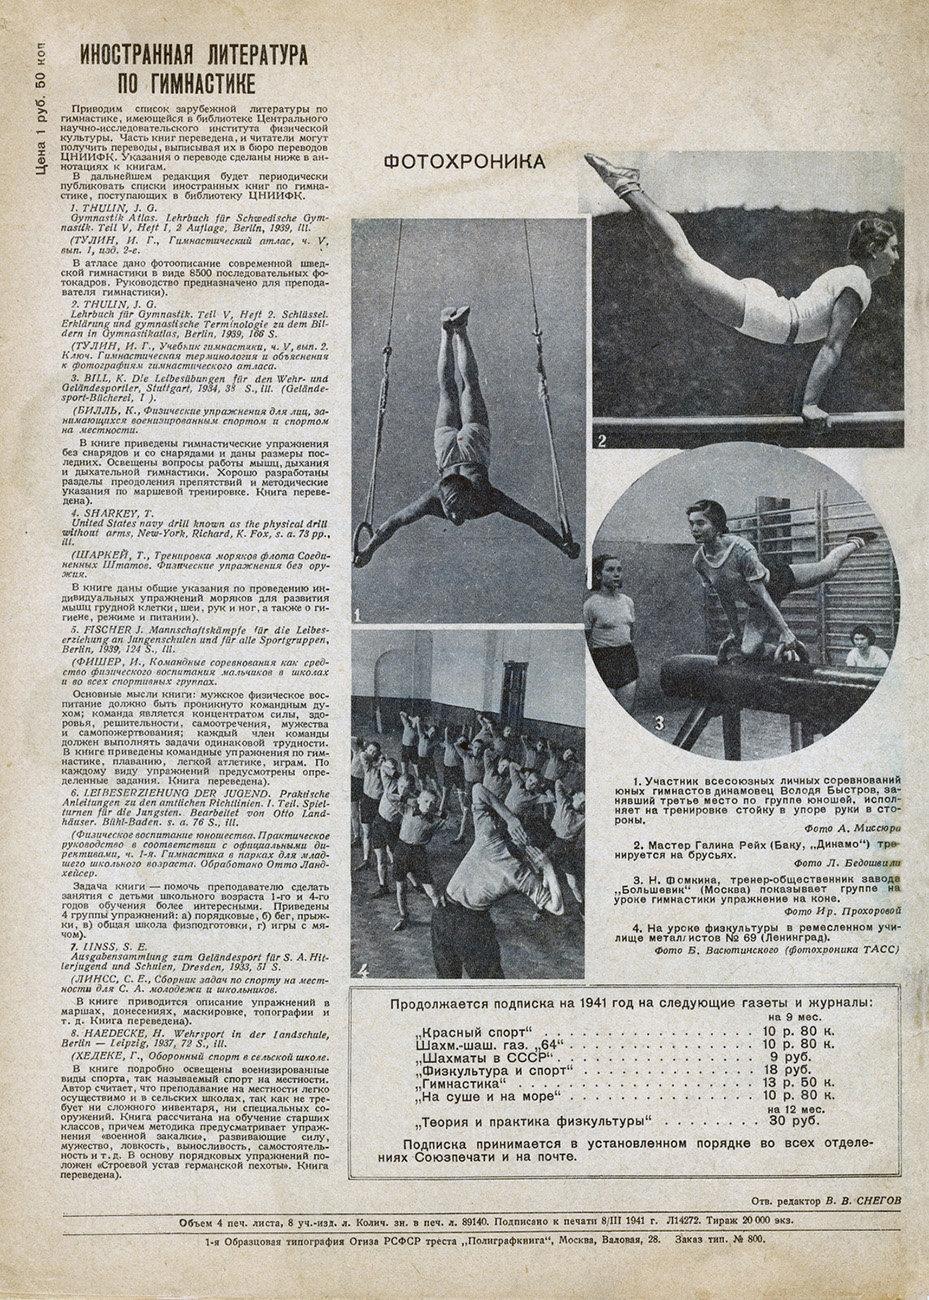 Гимнастика 41 3 004